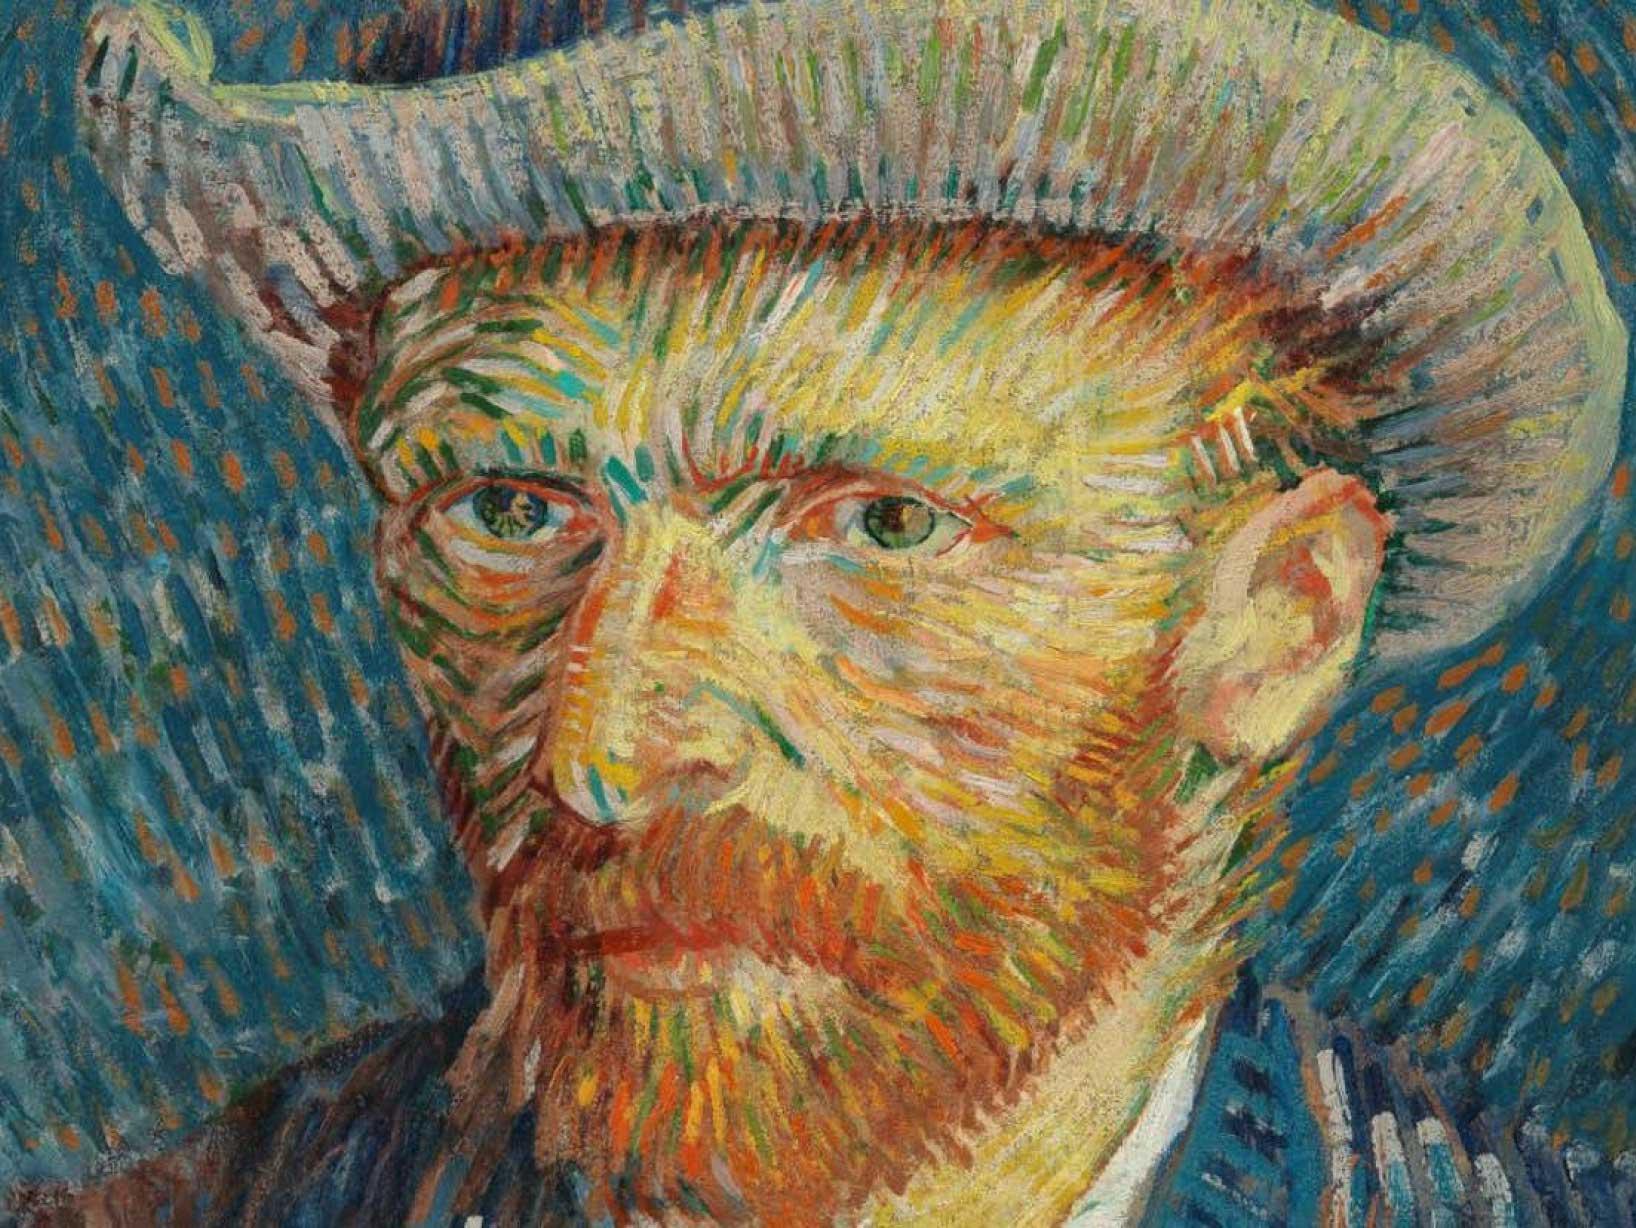 Vincent van Gogh ヴィンセントヴァンゴッホ